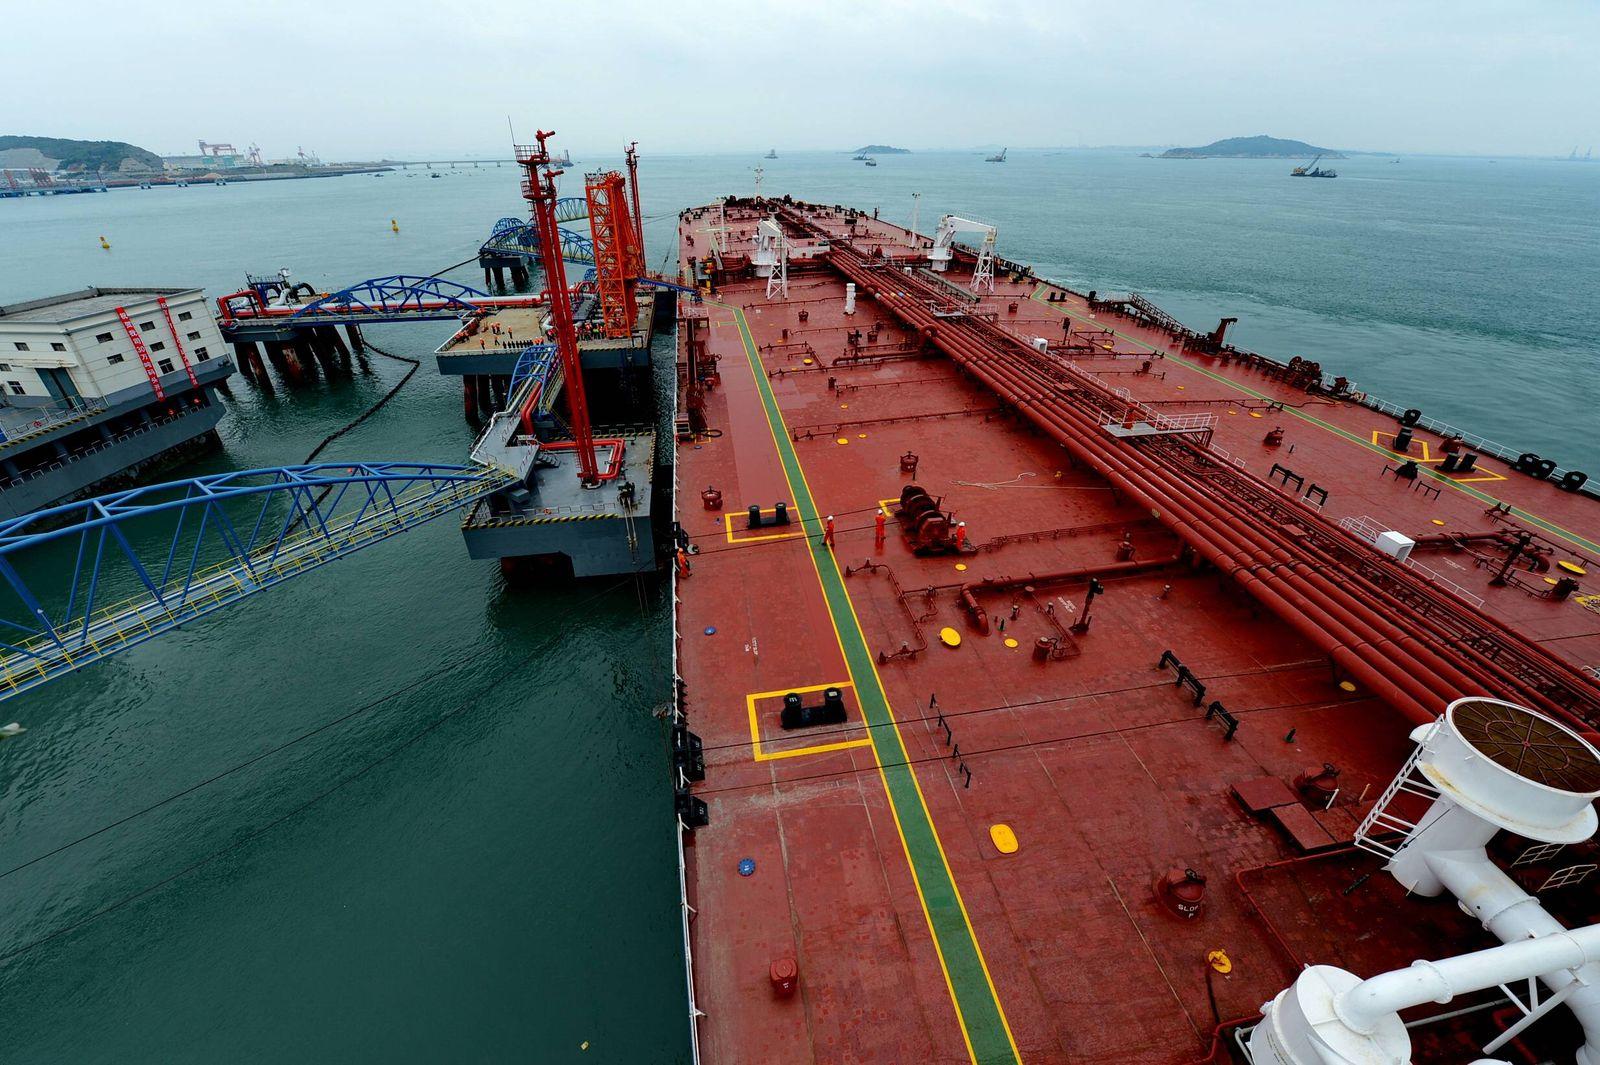 140425 QUANZHOU April 25 2014 Xinhua A 300 000 tonner Panamanian supertanker berths at Q